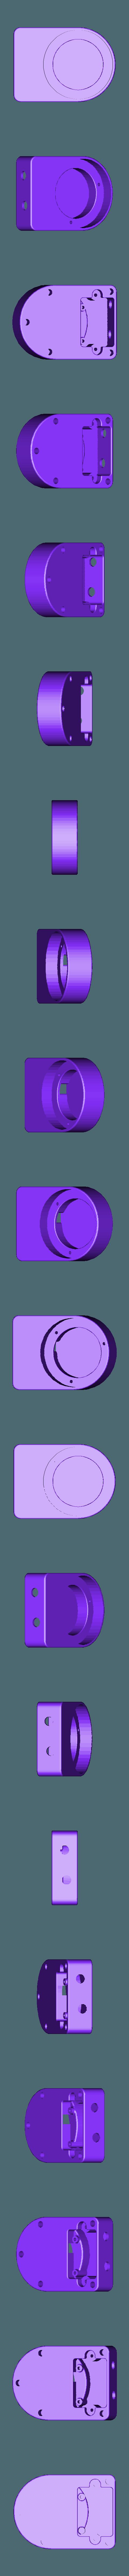 Case.STL Télécharger fichier STL gratuit Ponceuse à disque GIANT • Modèle à imprimer en 3D, perinski